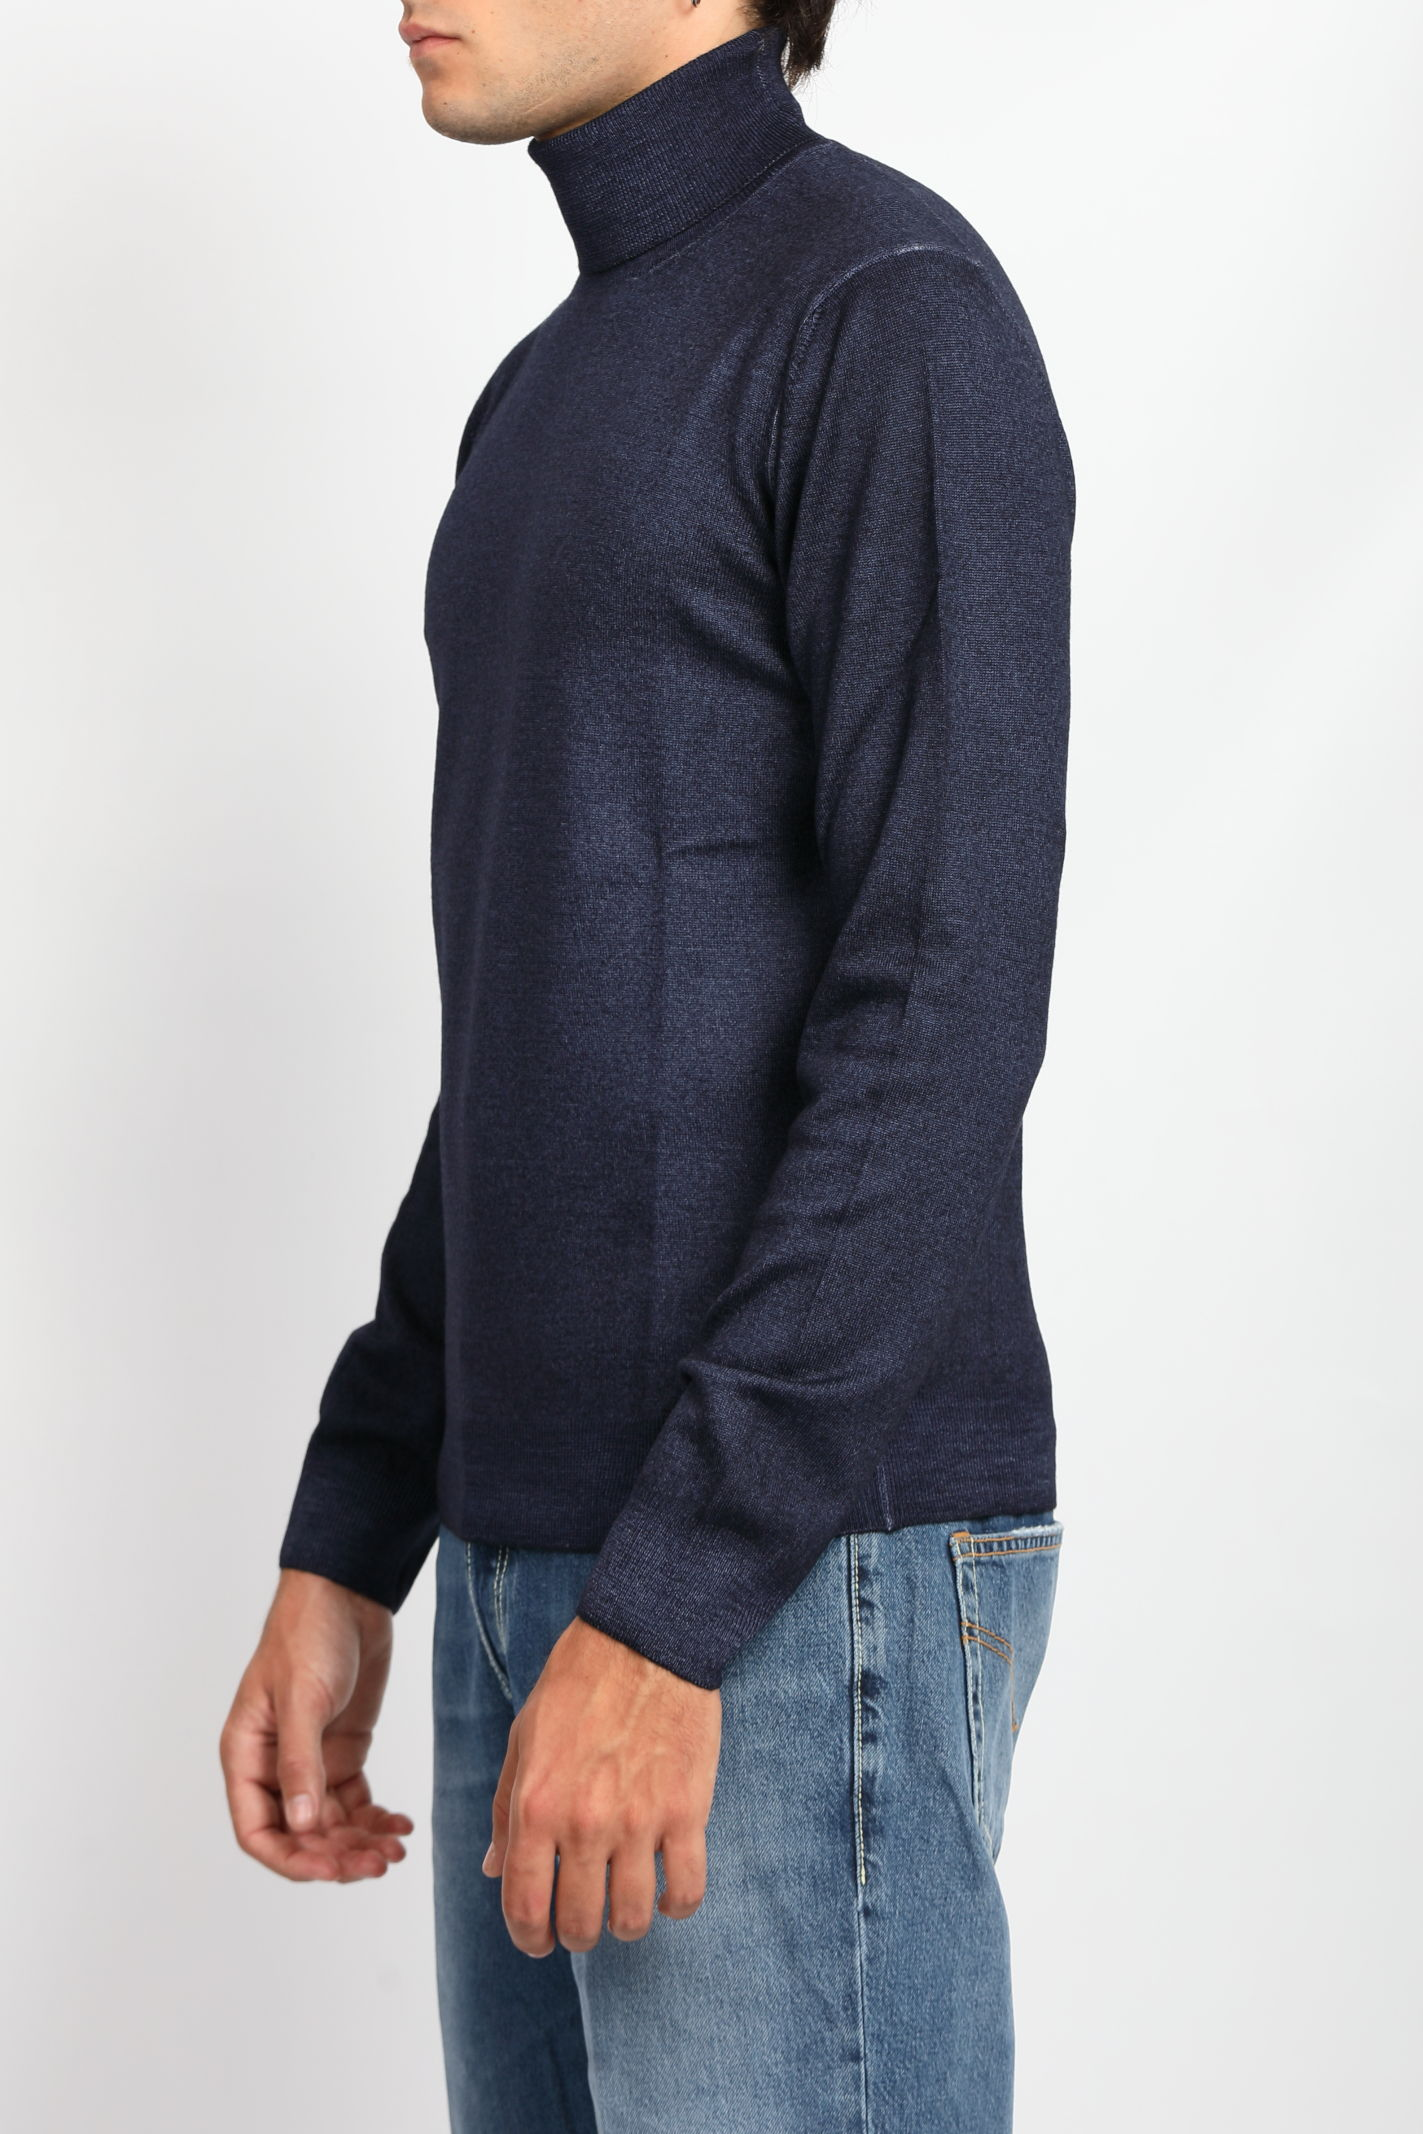 PURE VIRGIN WOOL TURTLENECK TAGLIATORE | Knitwear | MDLLT517-GSI21905